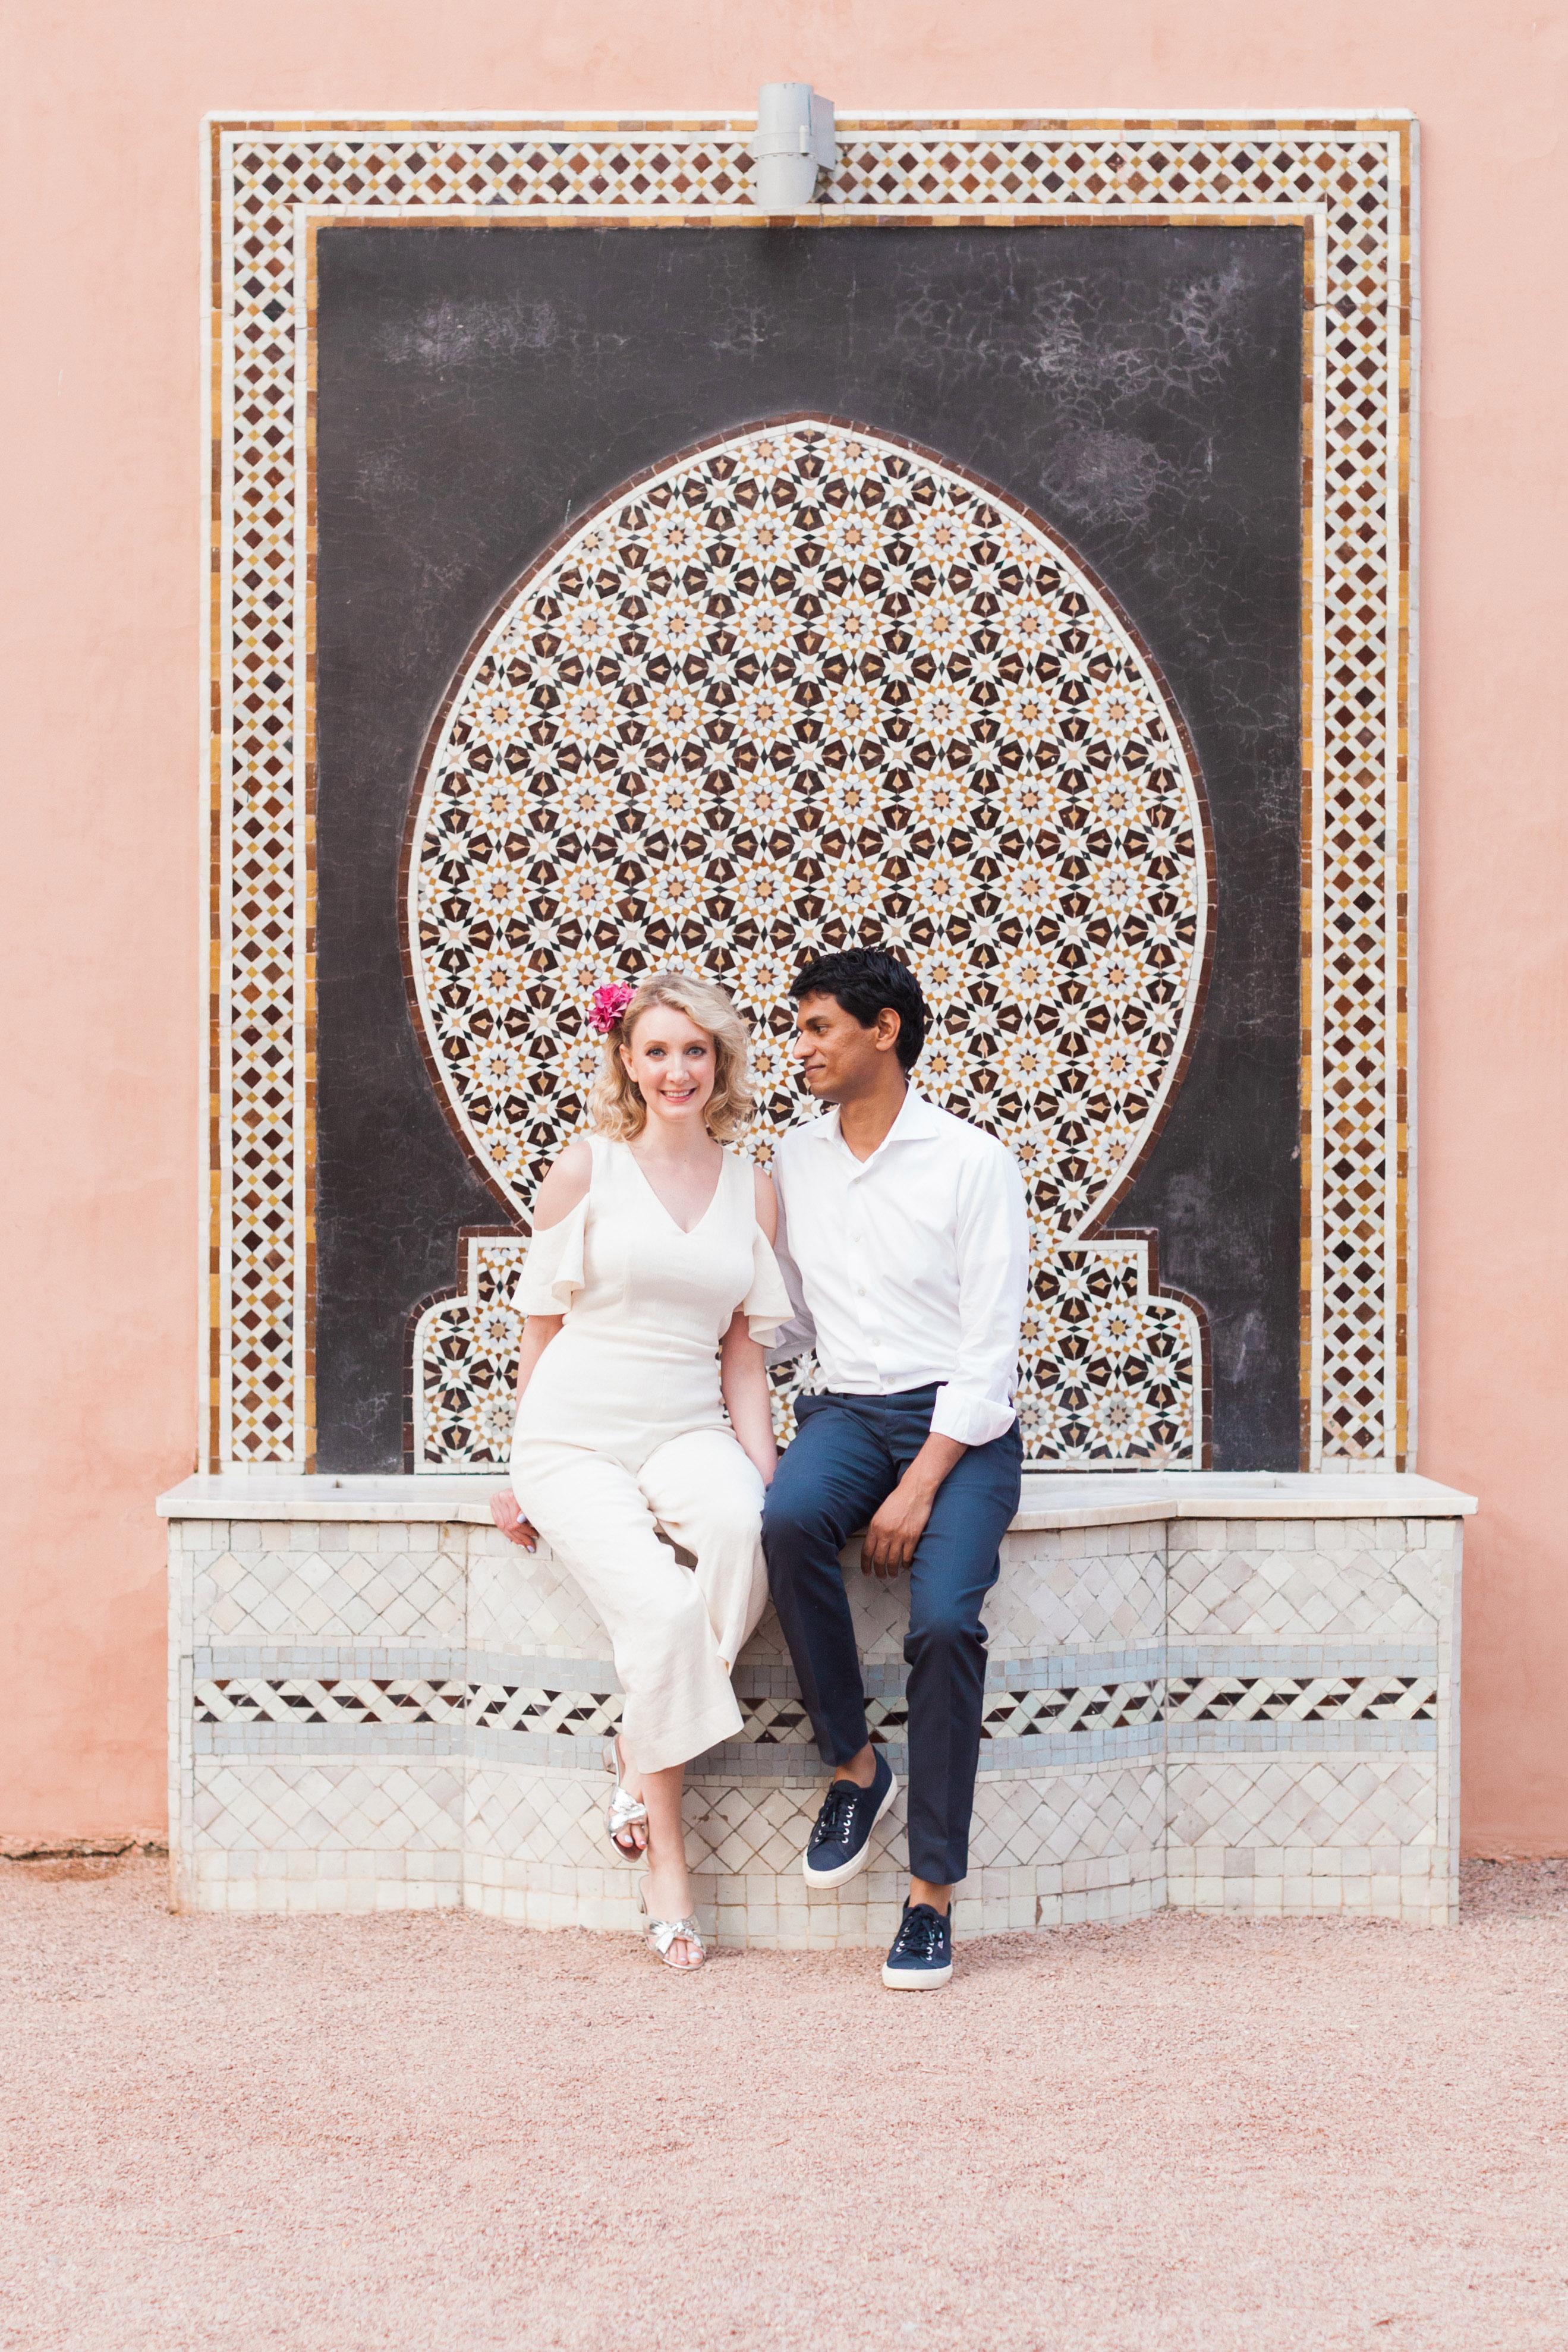 destination engagement couple luxurious hotel architectural culture